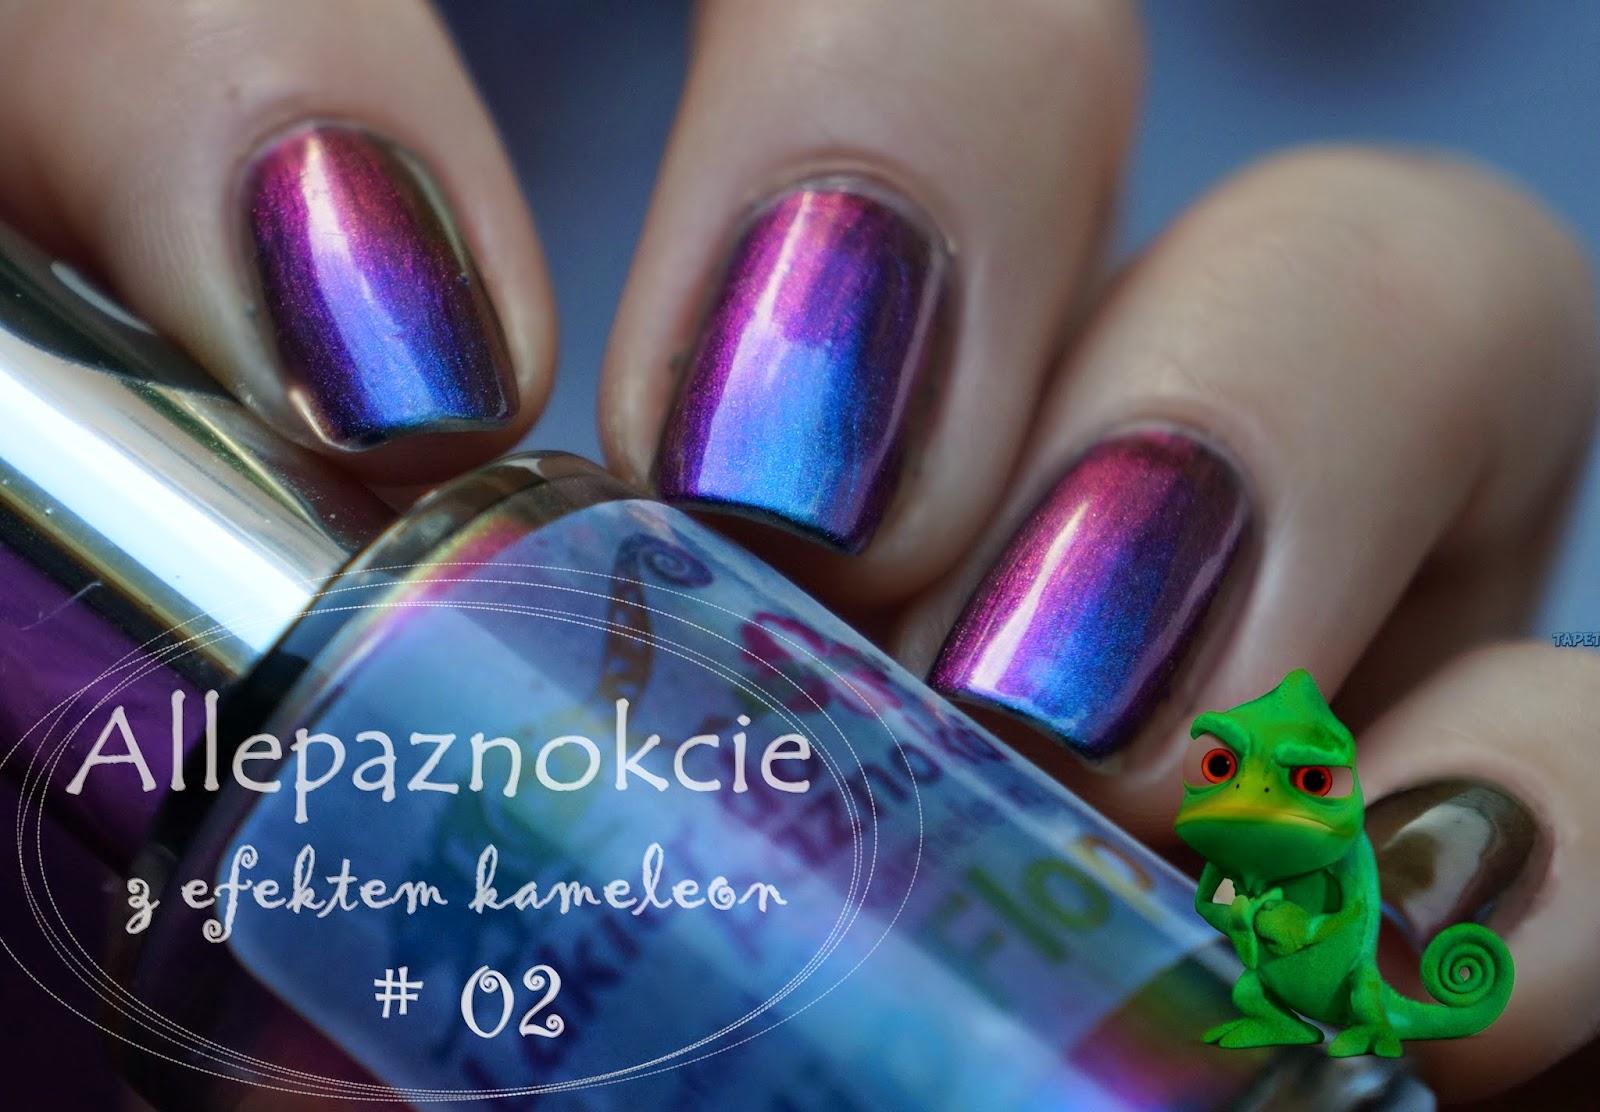 Allepaznokcie Flip Flop Kameleon #02, czyli milosc zaowocowala...